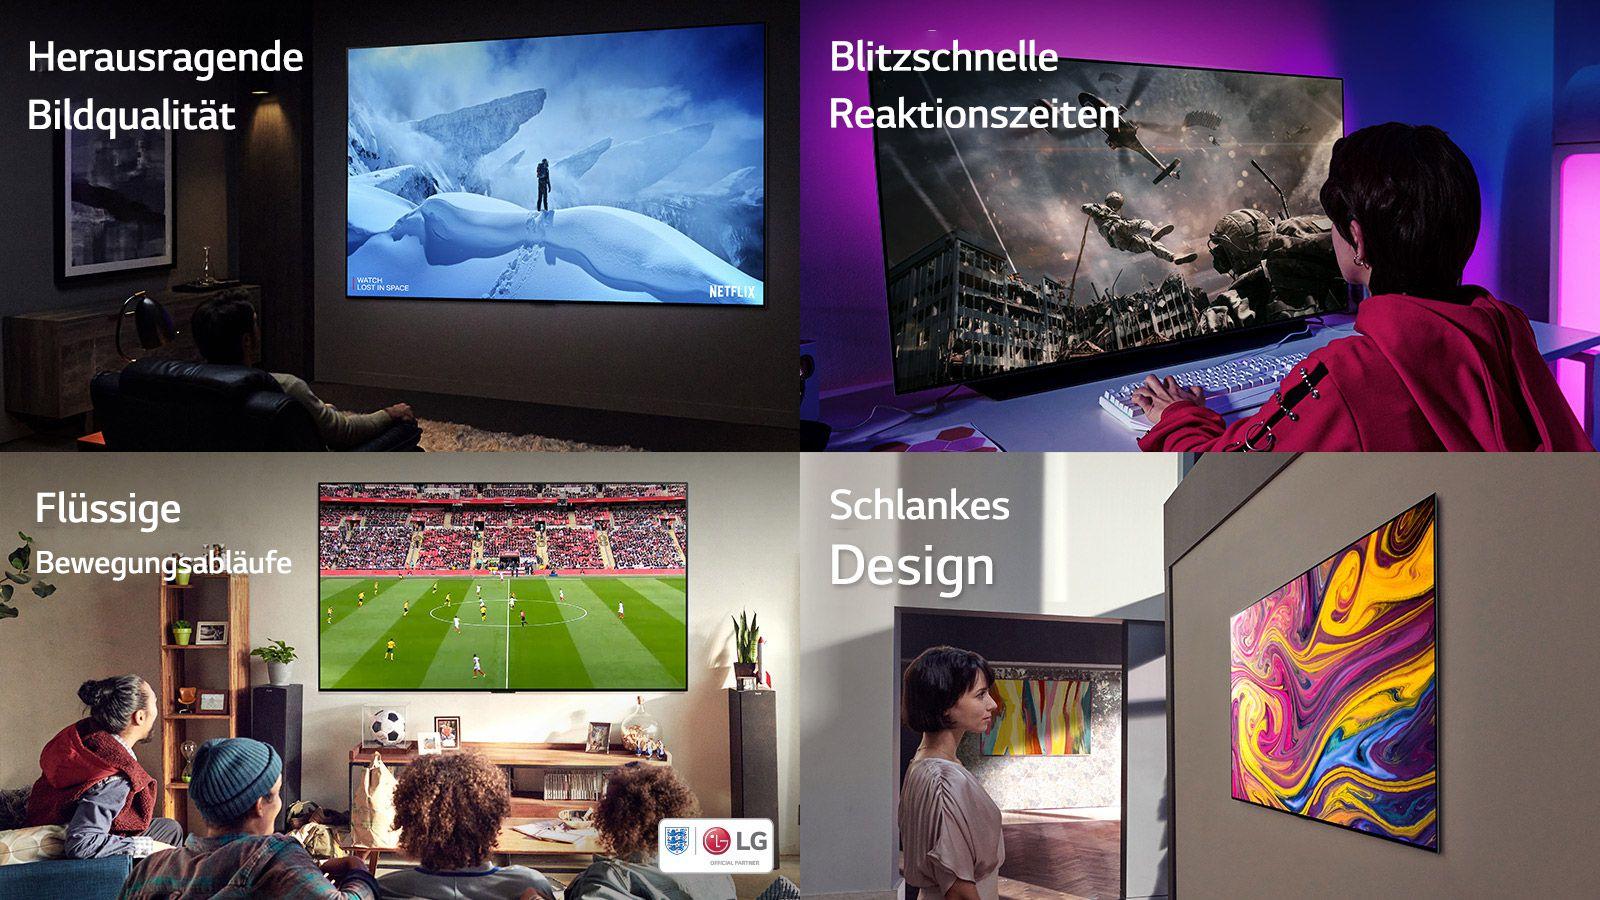 Moški sedi na kavču v temni sobi in gleda televizijo, na kateri je moški, ki stoji na zasneženi gori.  Deklica na velikem zaslonu igra računalniško igrico, ki prikazuje vojaka, ki se spušča iz helikopterja.  Štiri osebe sedijo na kavču v dnevni sobi in gledajo nogometno tekmo.  Ženska gleda umetniško delo, prikazano na stenski televiziji.